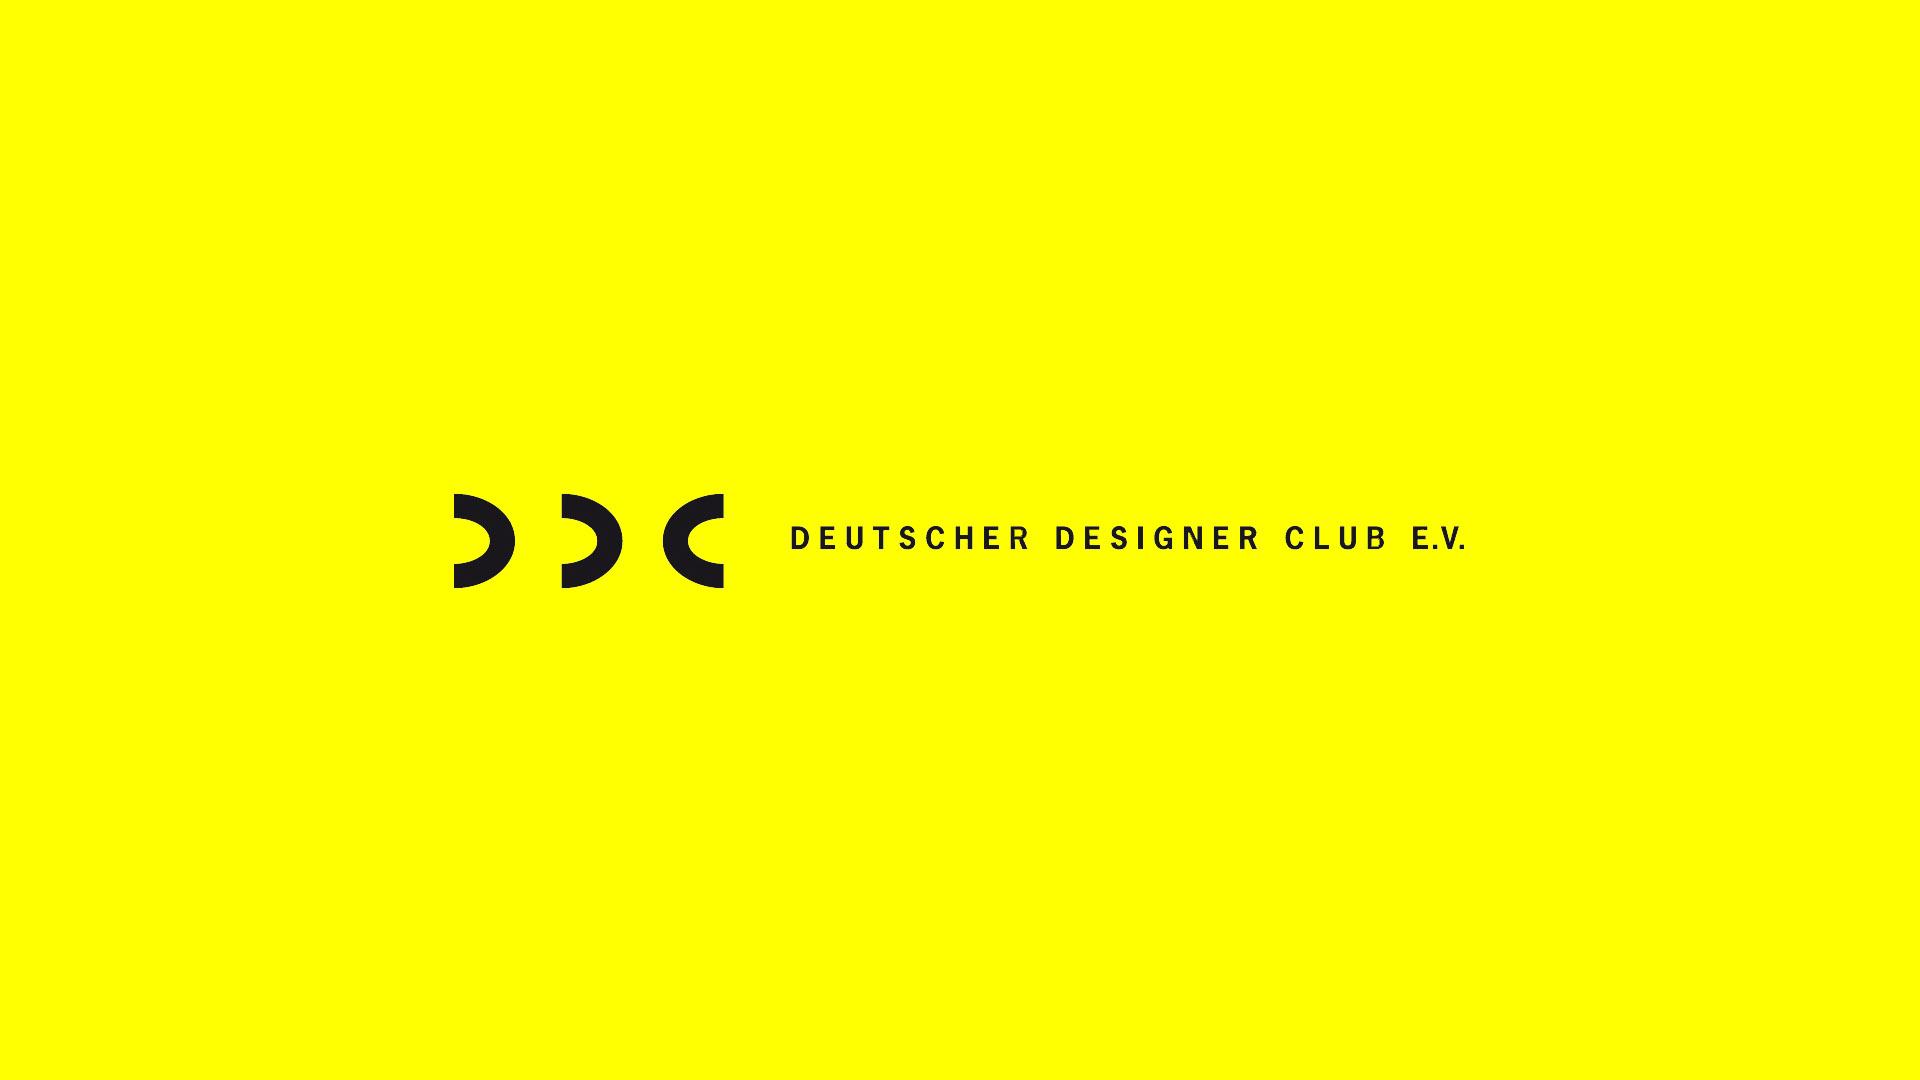 Logo auf gelb DDC Deutscher Designer Club e. V.